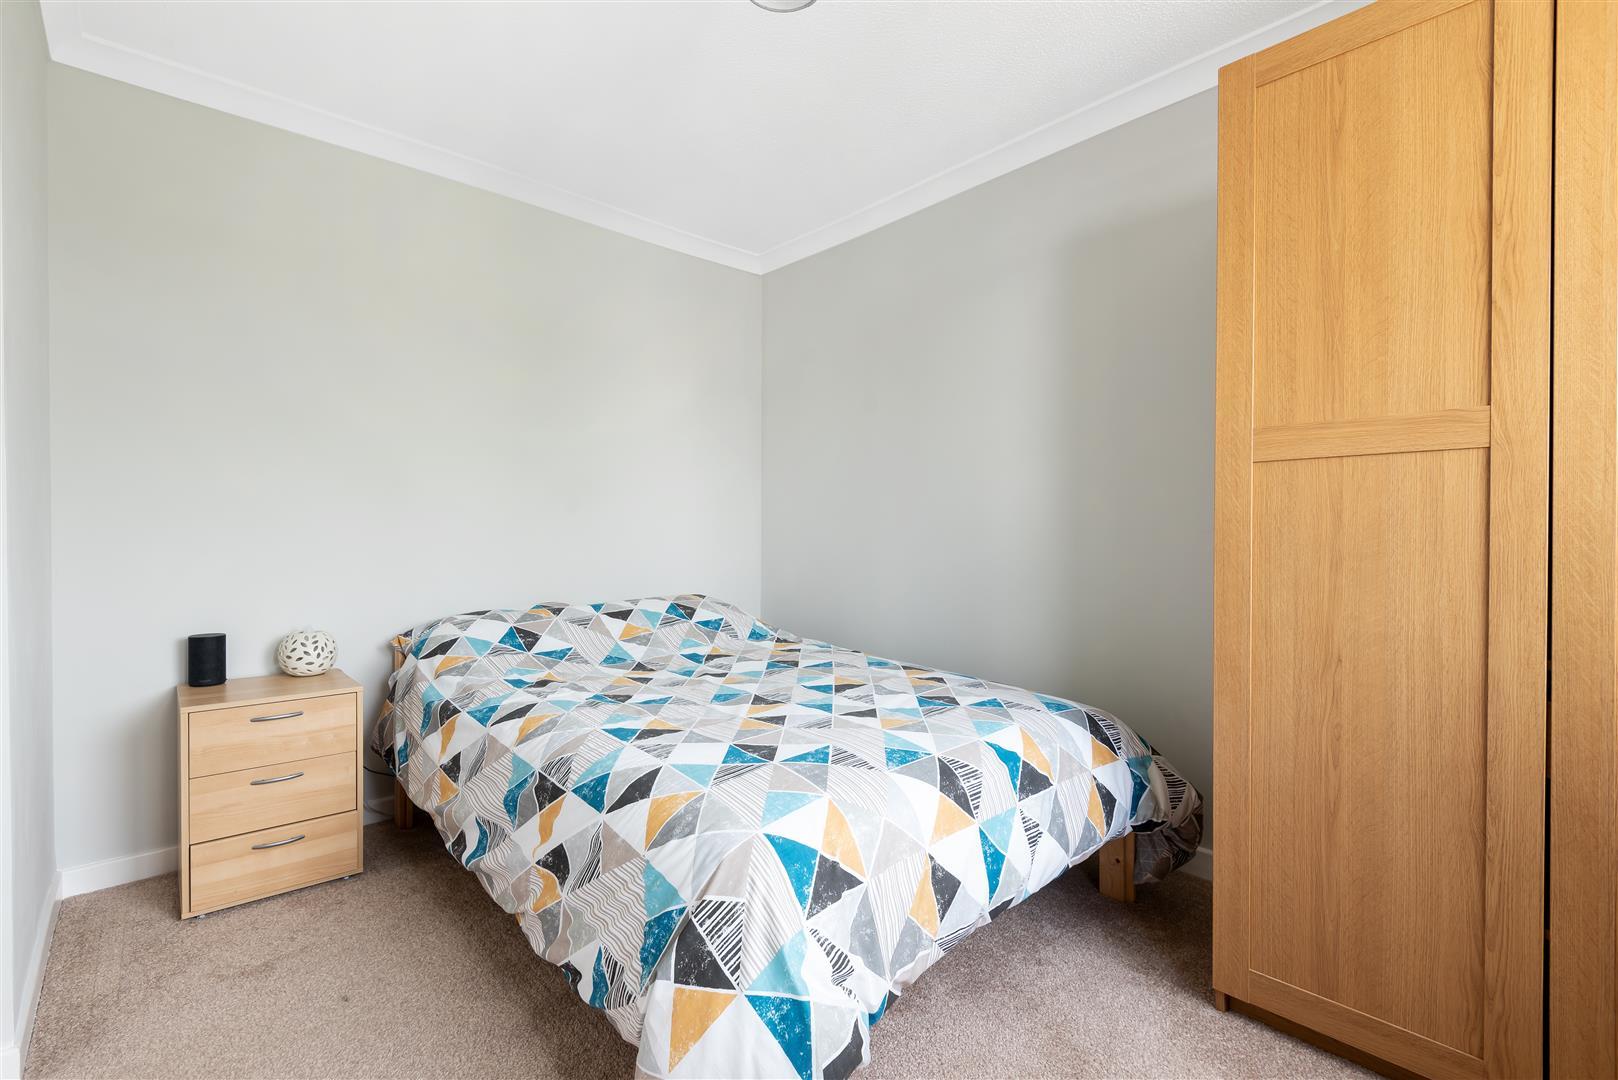 Mabon Close, Gorseinon, Swansea, SA4 4GN